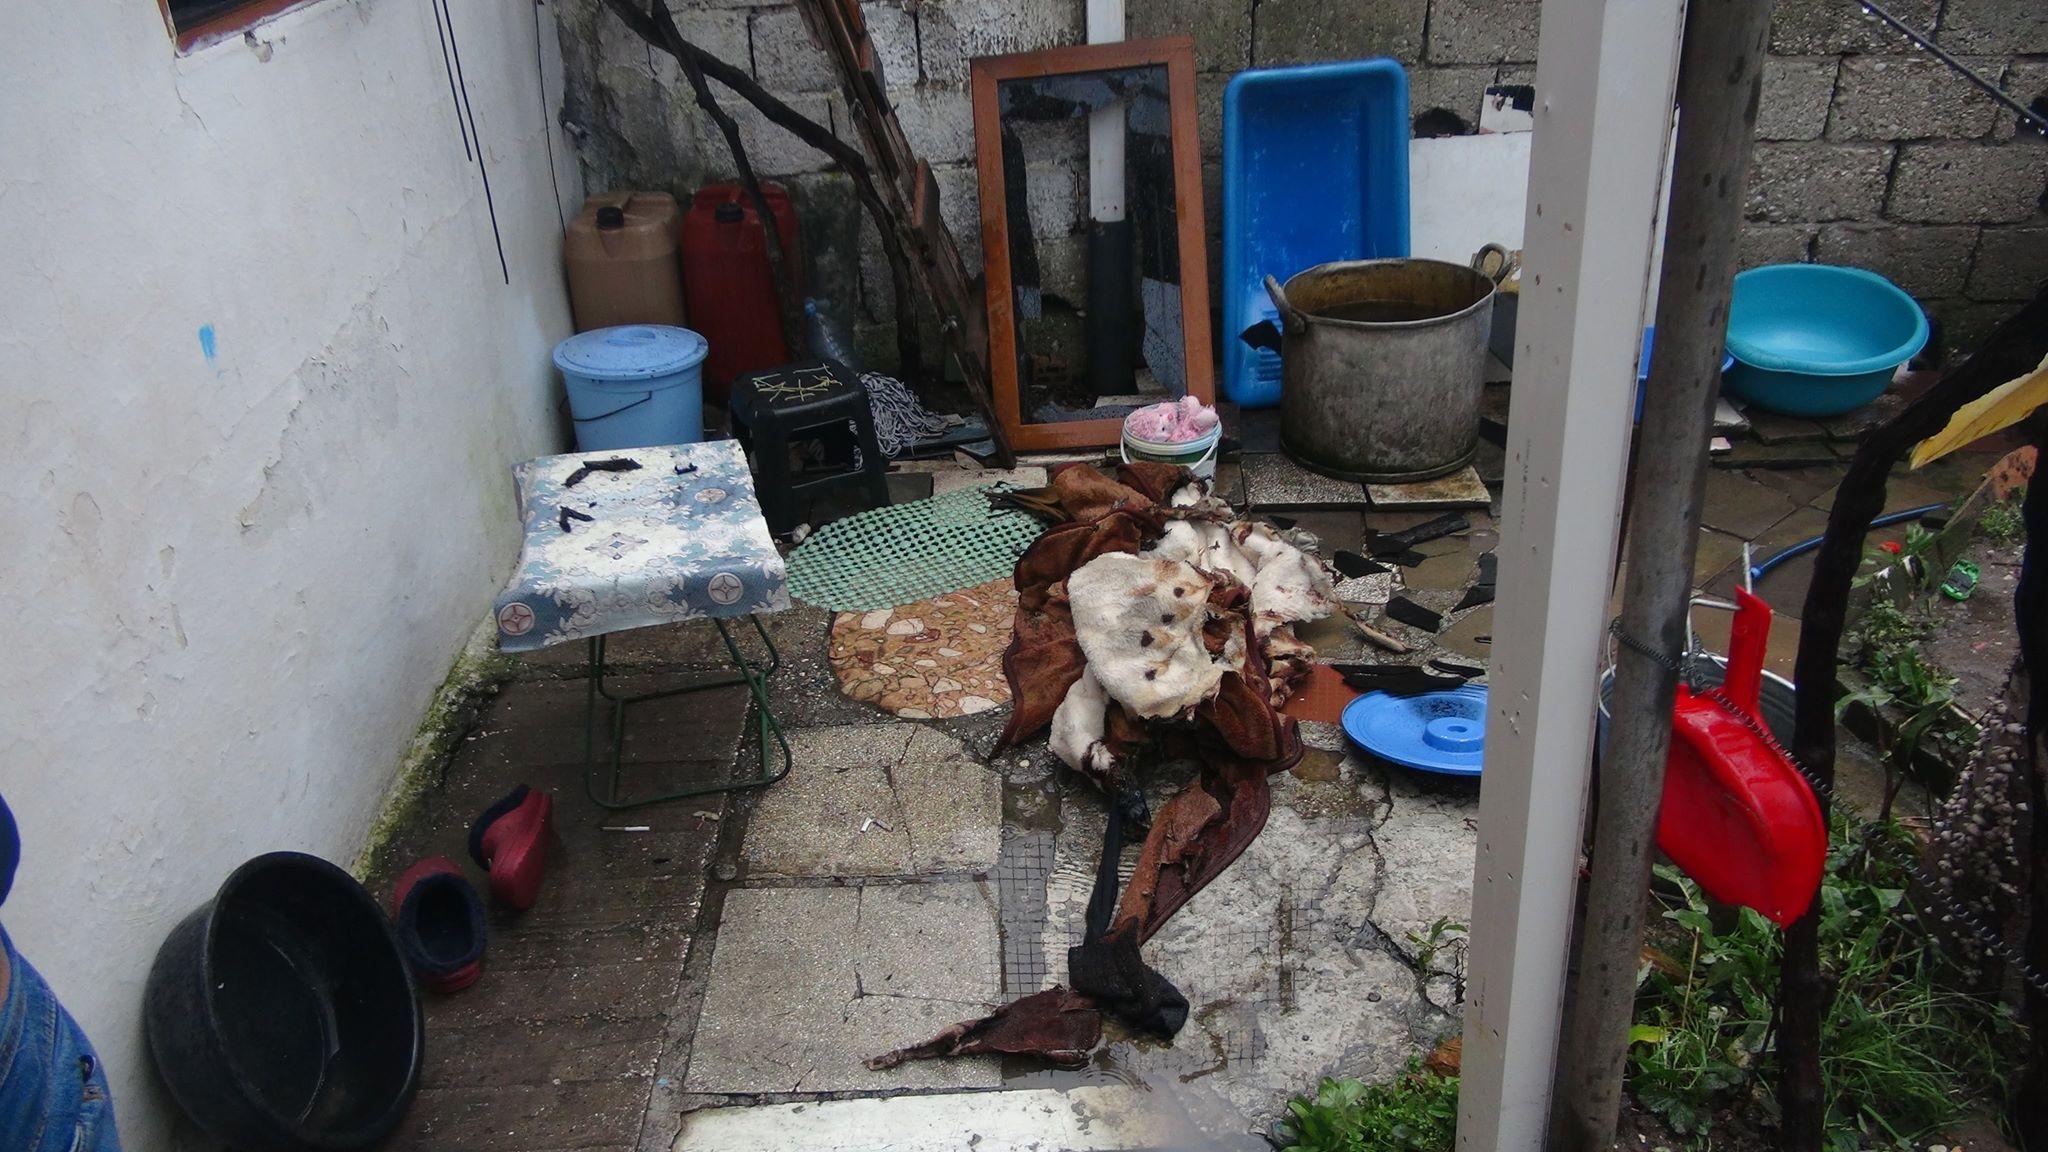 Zjarr brenda banesës në Vlorë, humbin jetën nënë e bir. Emrat